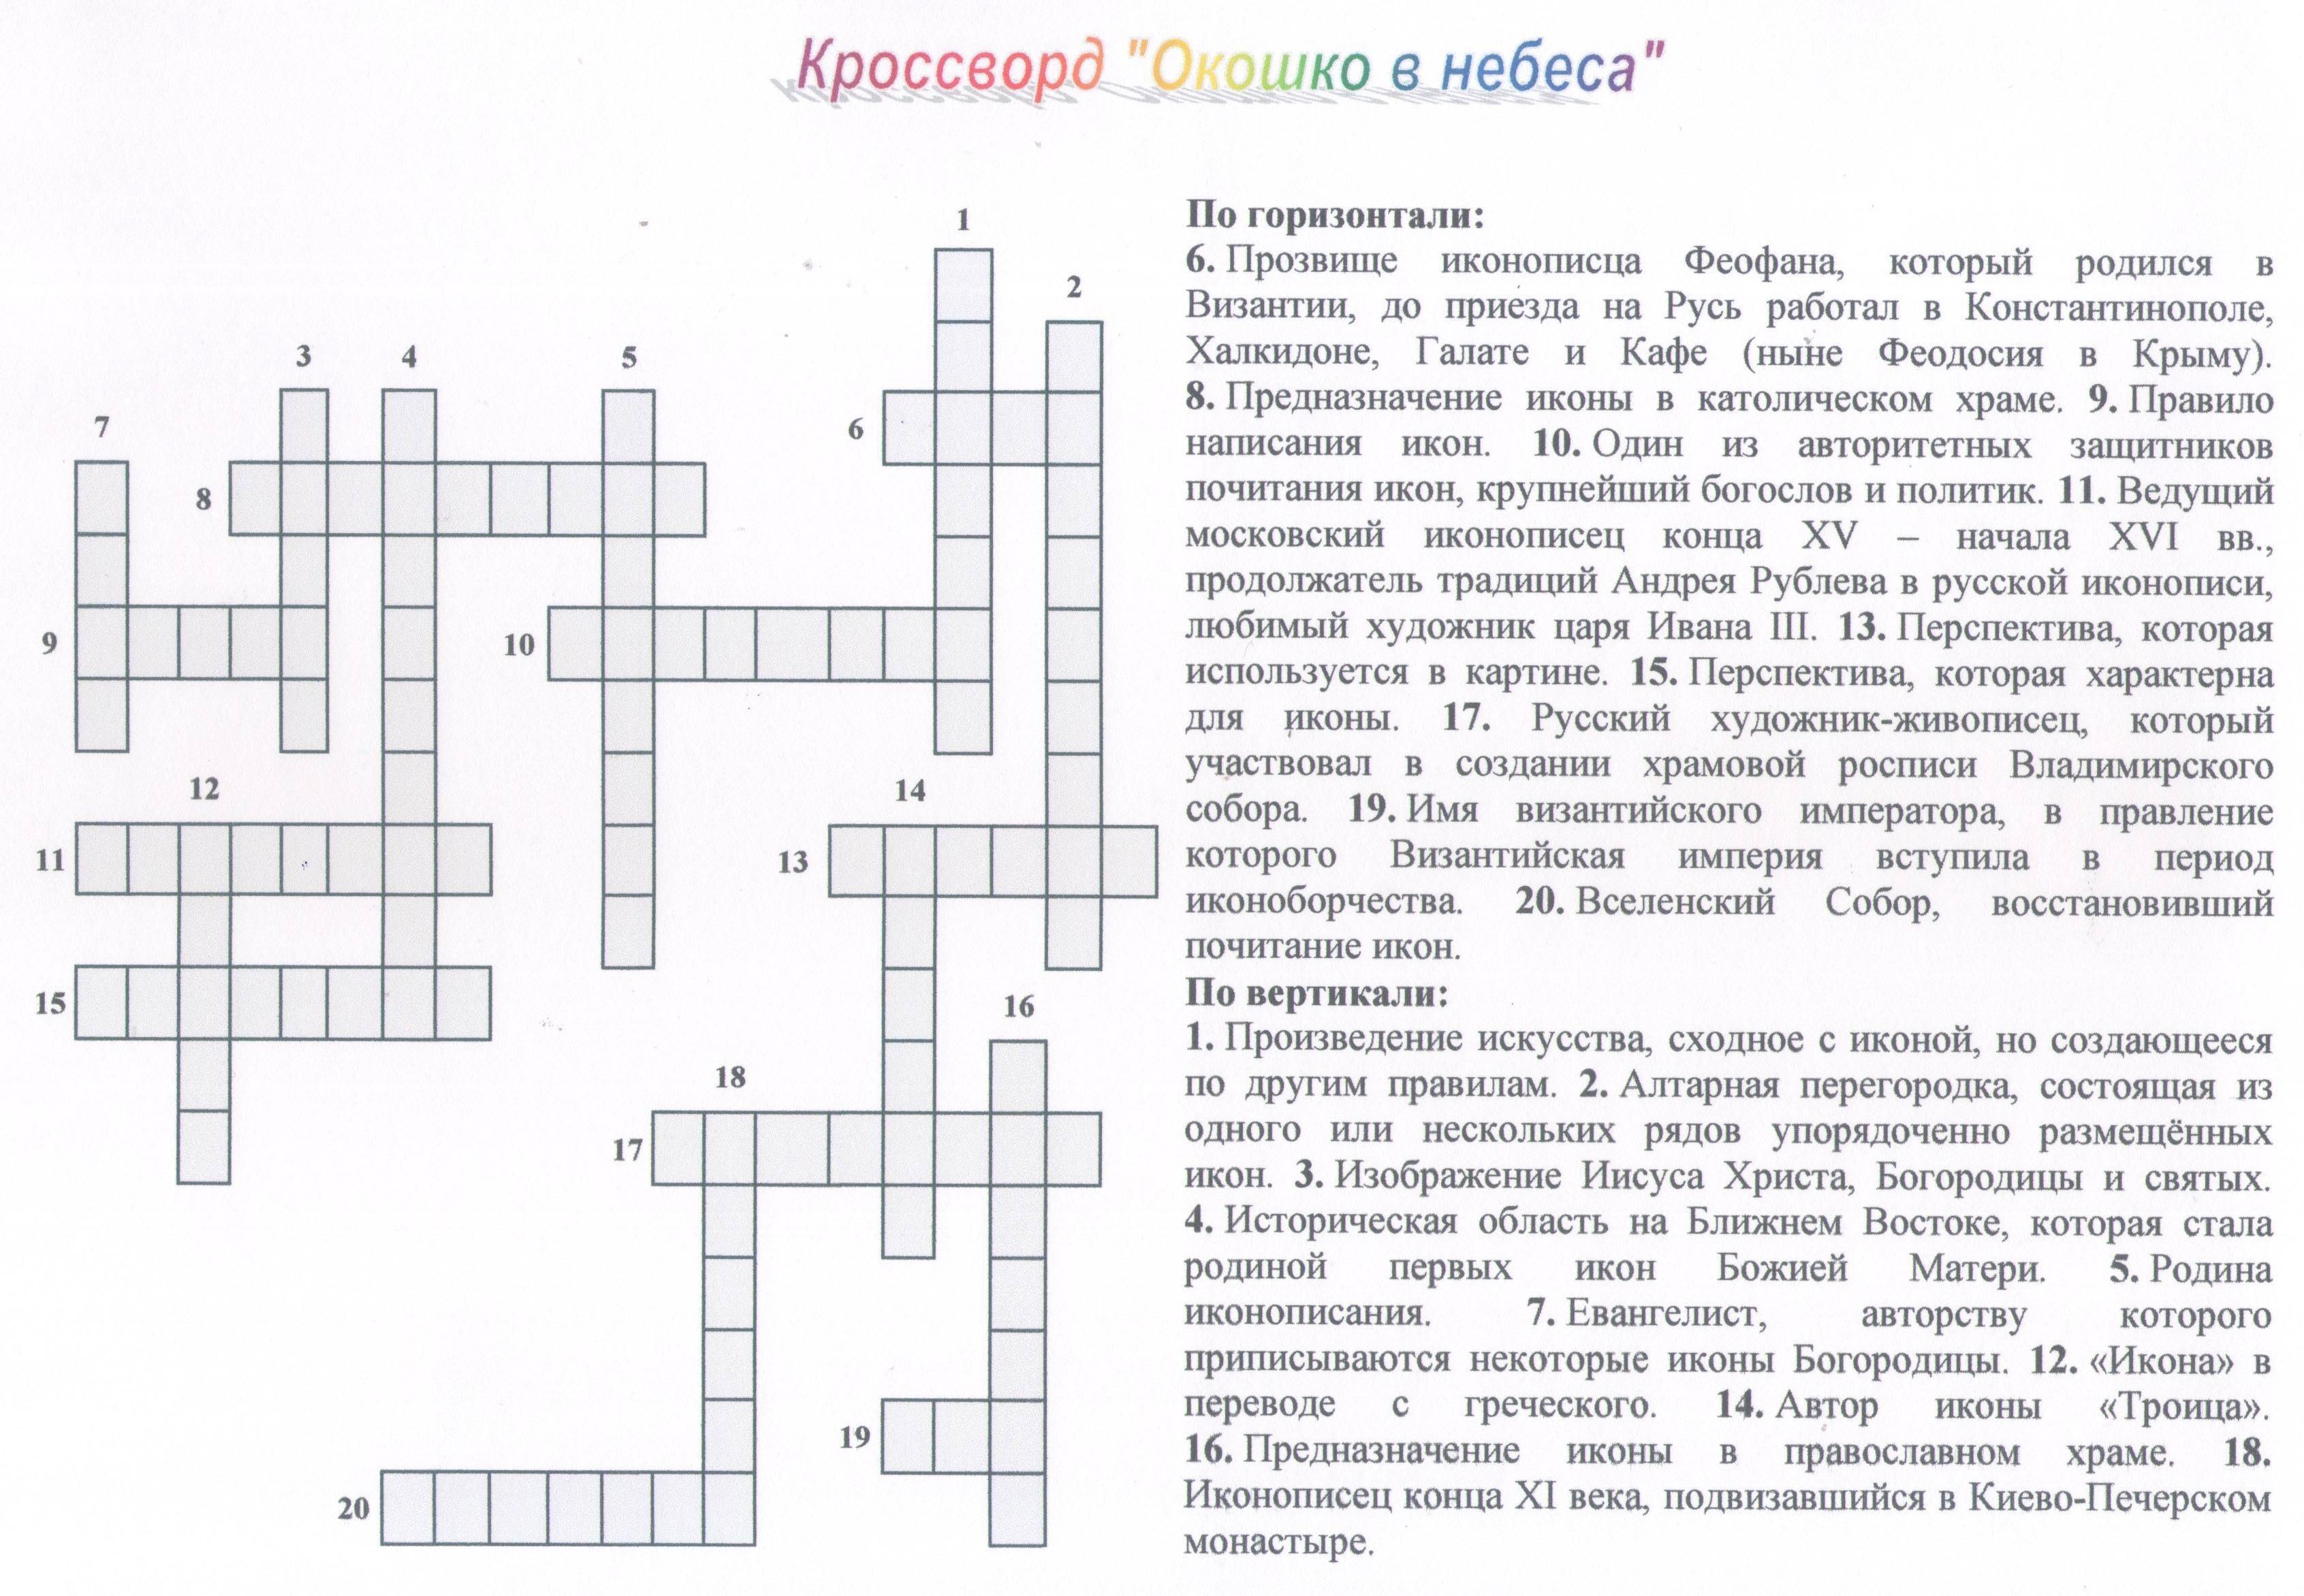 Омельянская О.В., ребус 5